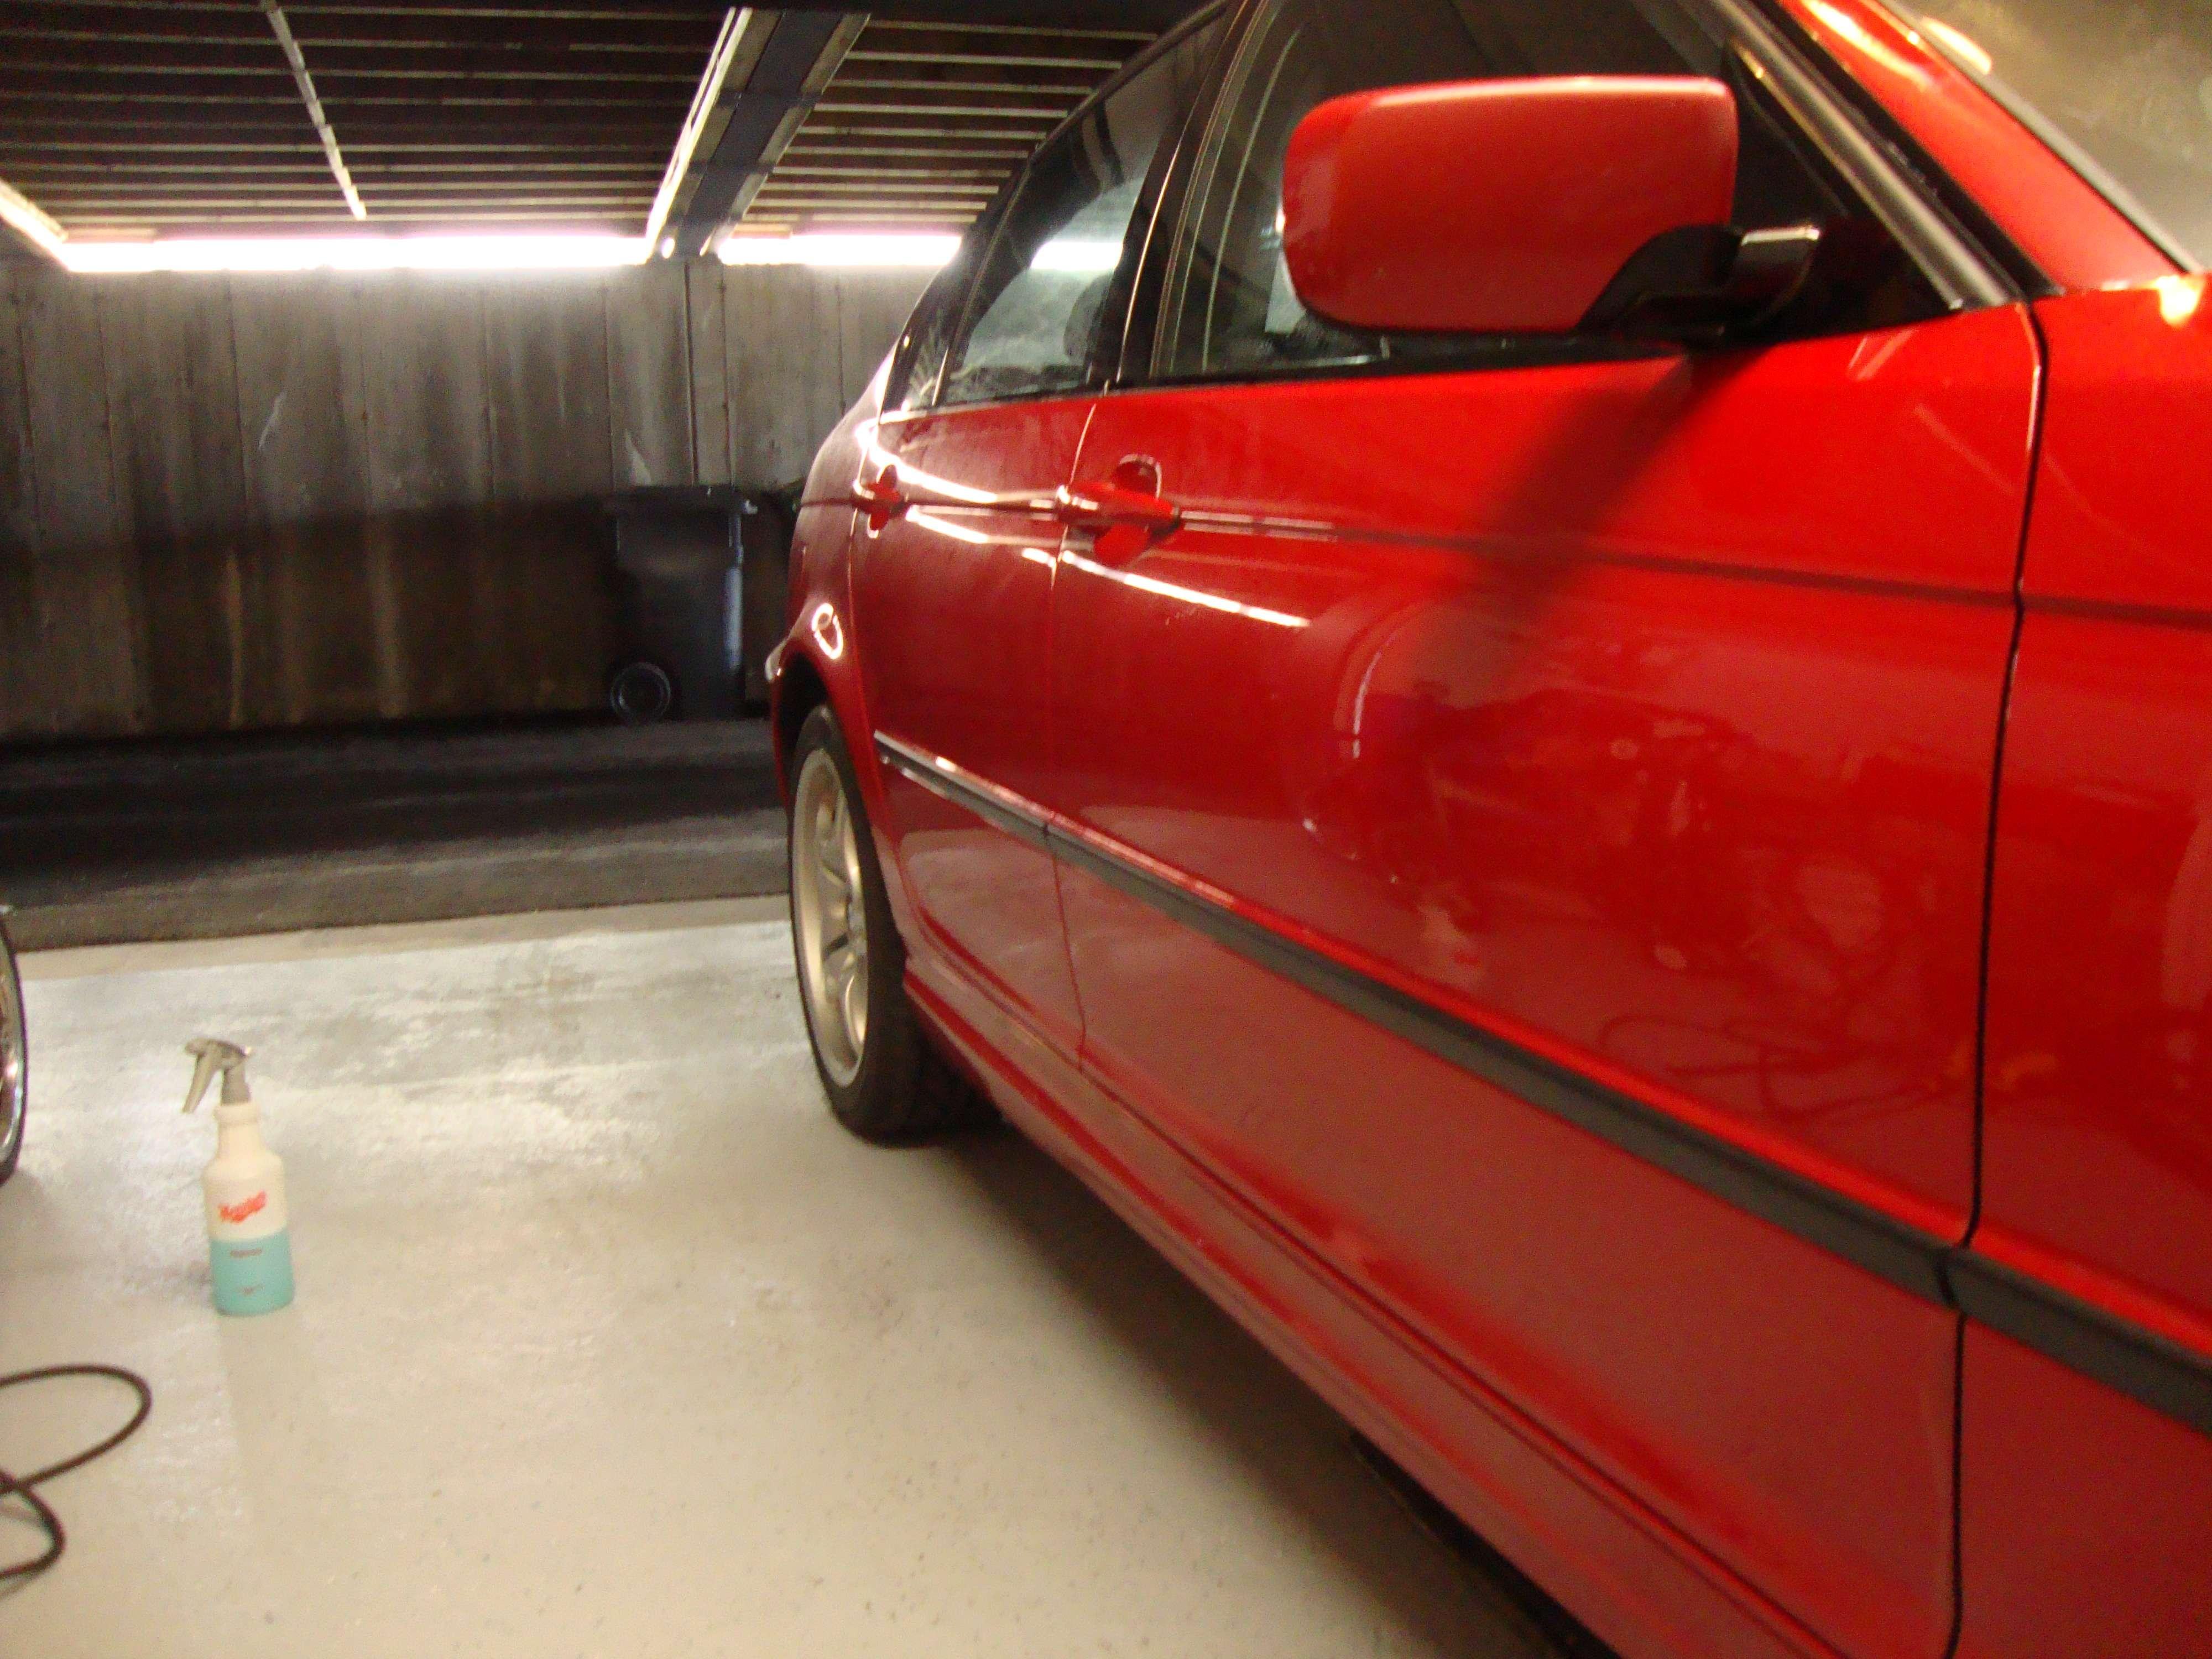 red bmw 330ix 2 step polish engine bay detailed. Black Bedroom Furniture Sets. Home Design Ideas